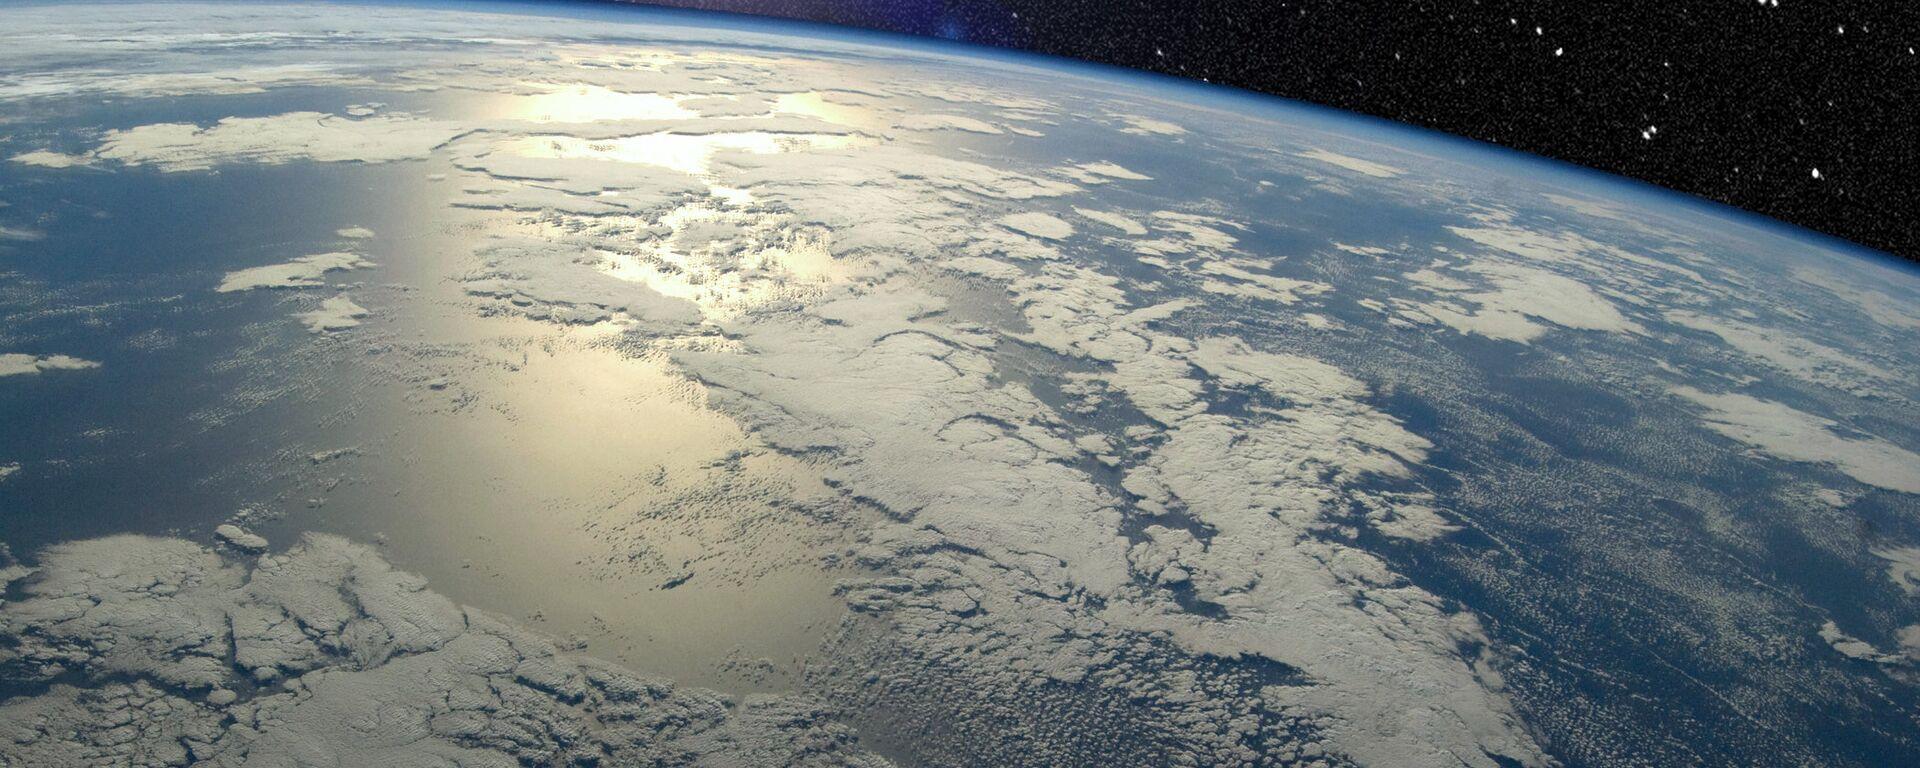 Vista de la Tierra desde el espacio (archivo) - Sputnik Mundo, 1920, 25.09.2020